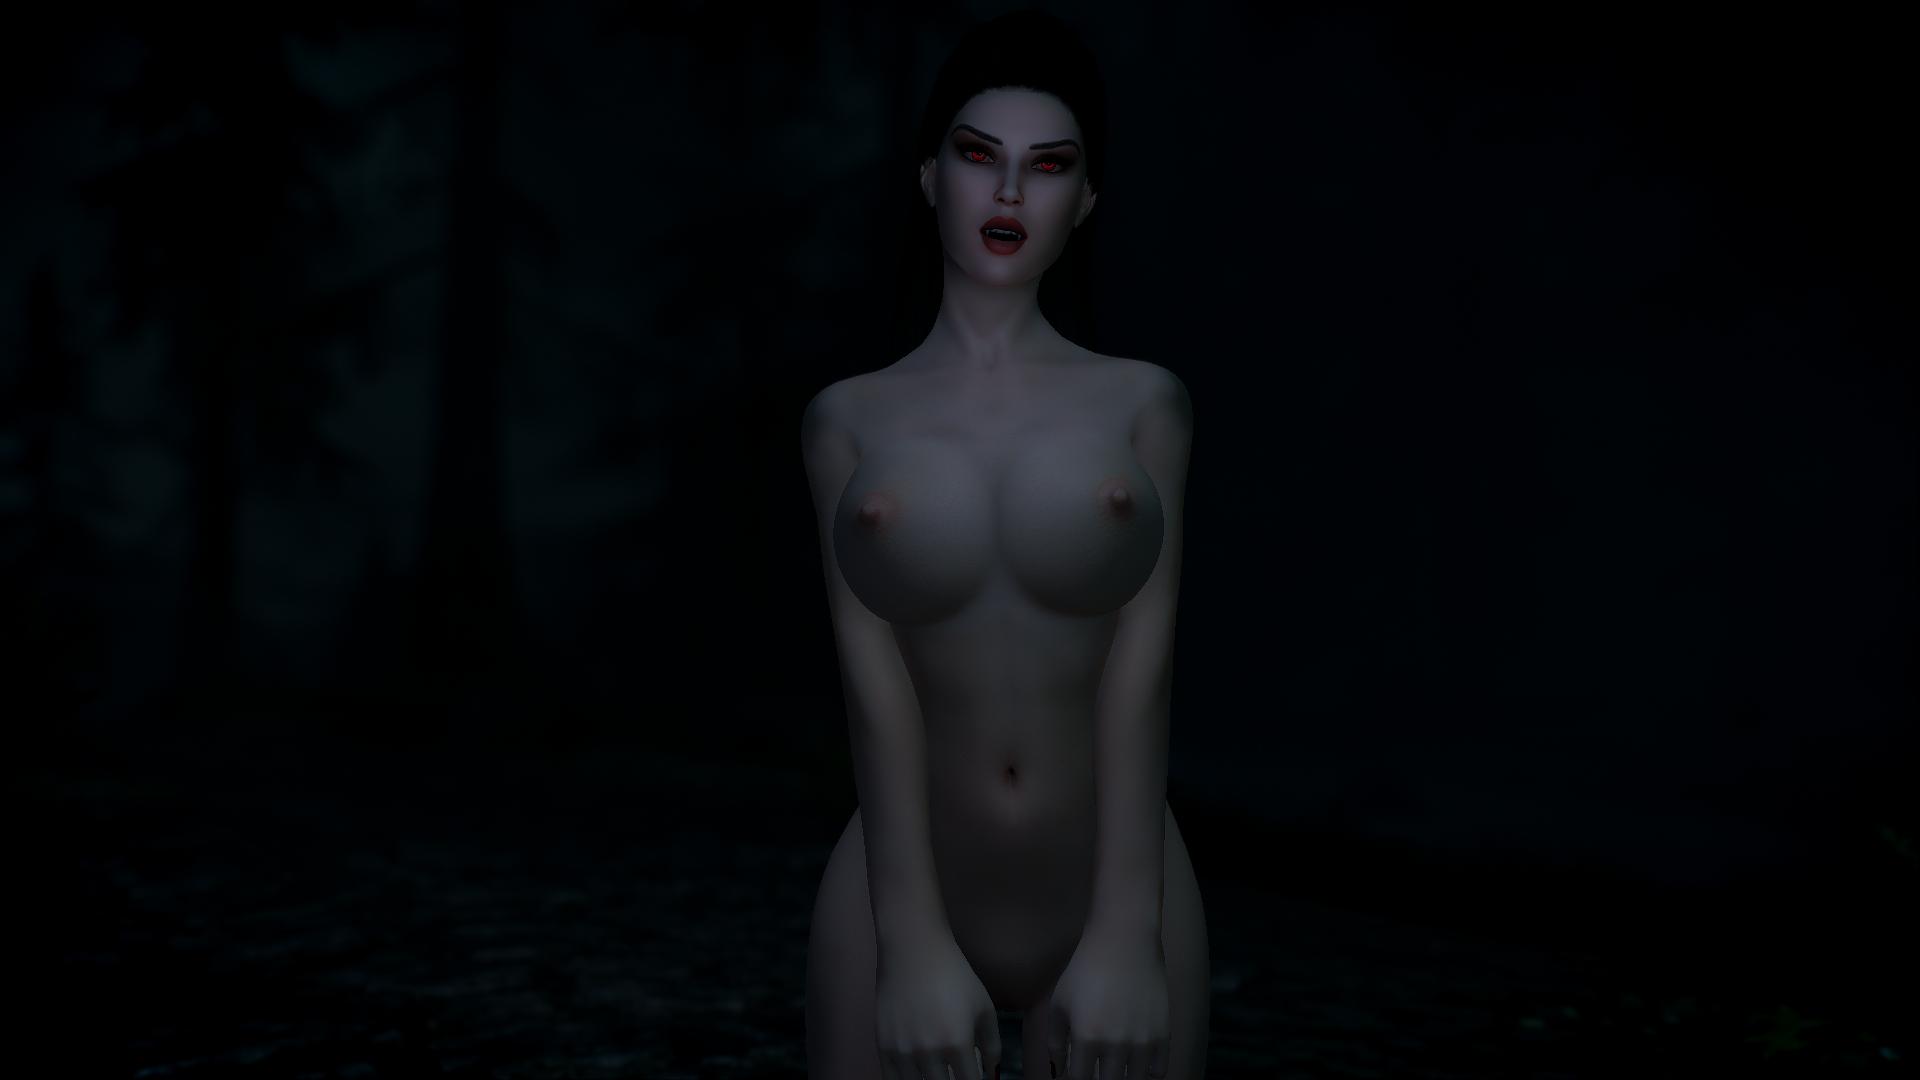 SkyrimSE 6.0 (Лето) - Темной ноченькой